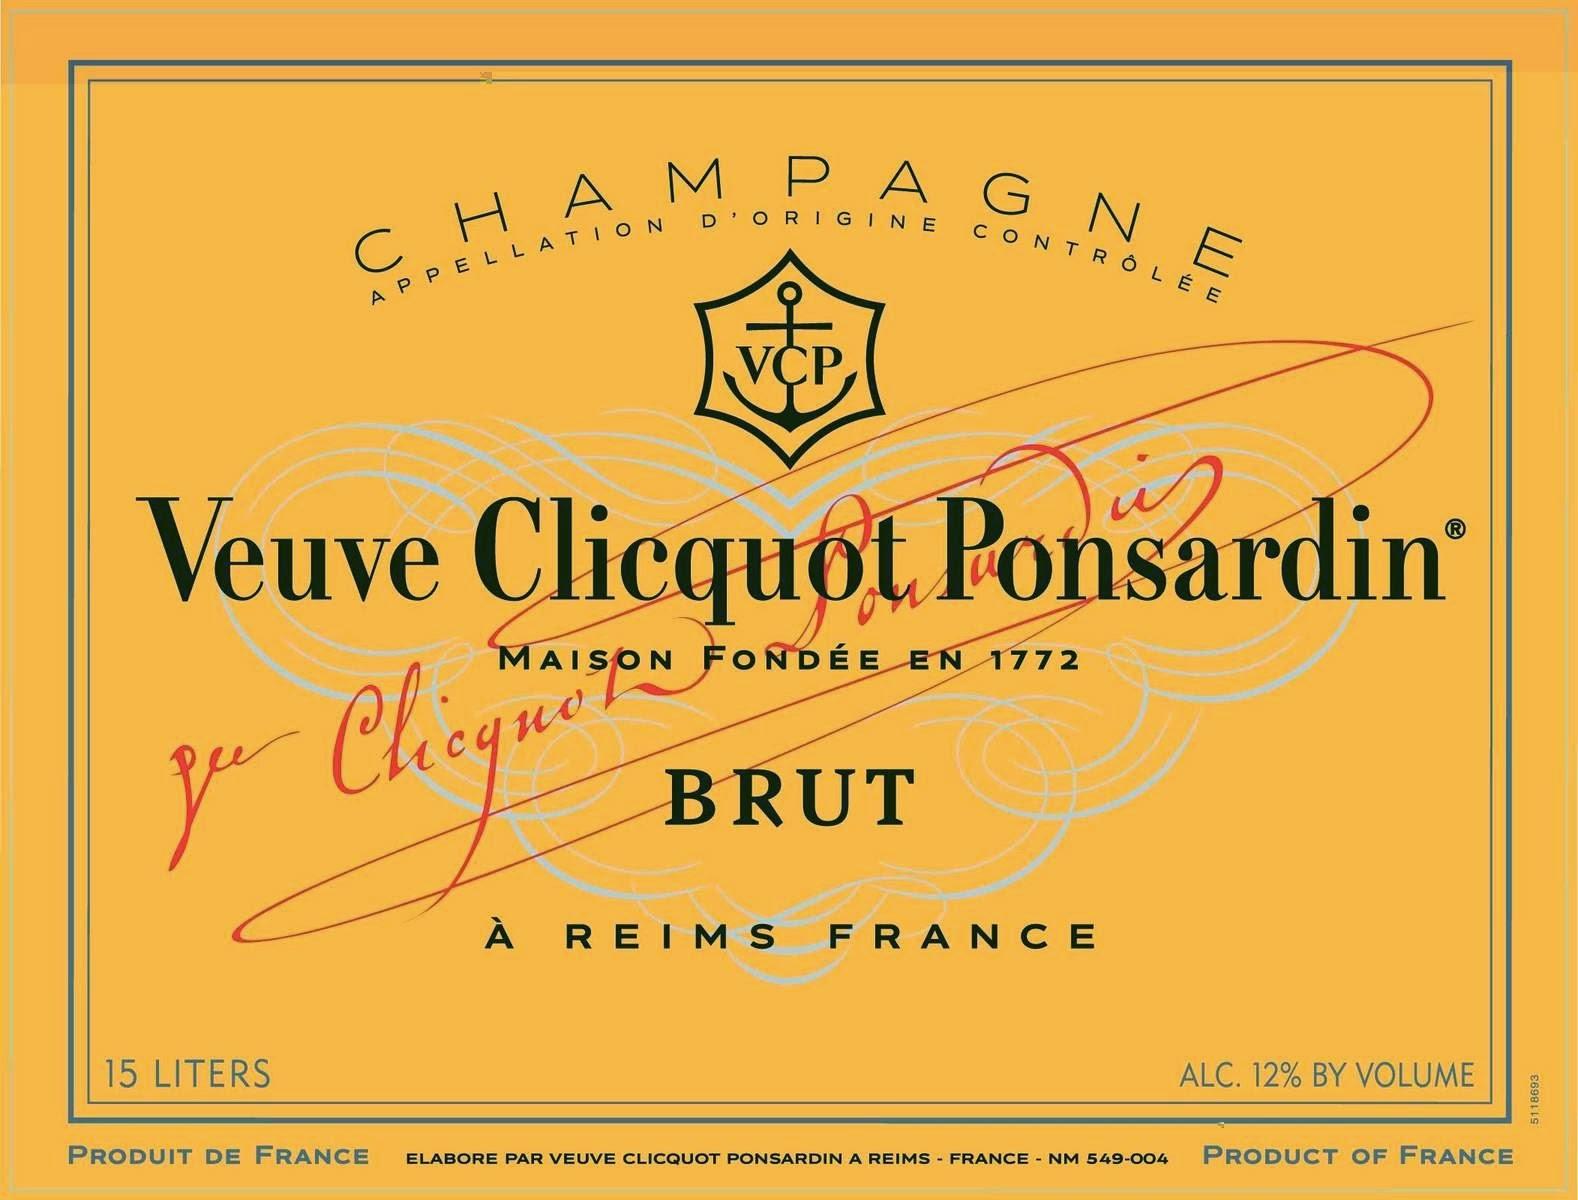 etichette bottiglia stile packaging champagne design label orange bollicine stile grafica